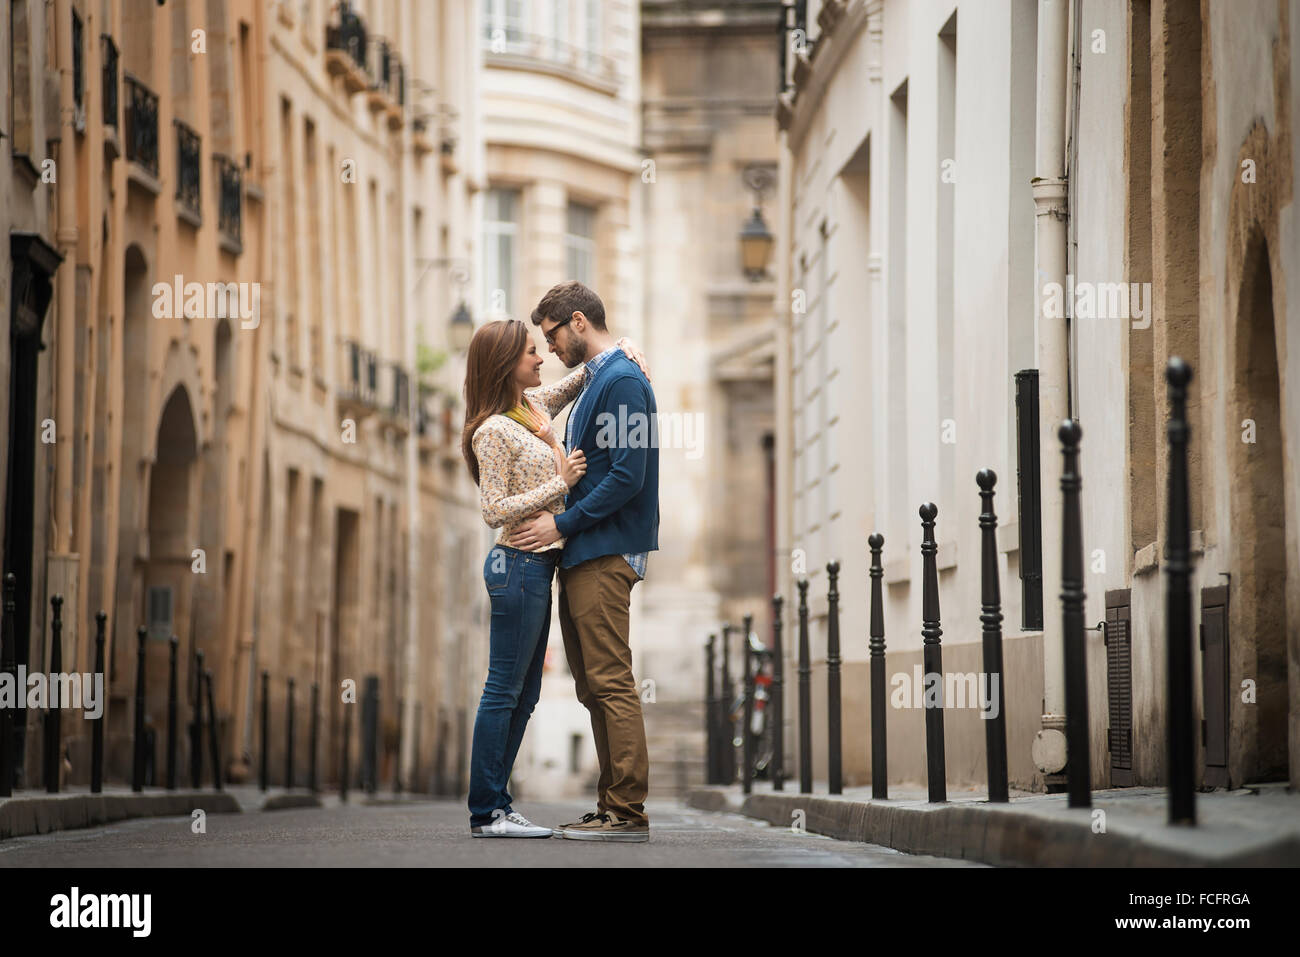 Ein paar ständigen Blick auf einander, in einer engen Straße in einer Stadt. Stockbild